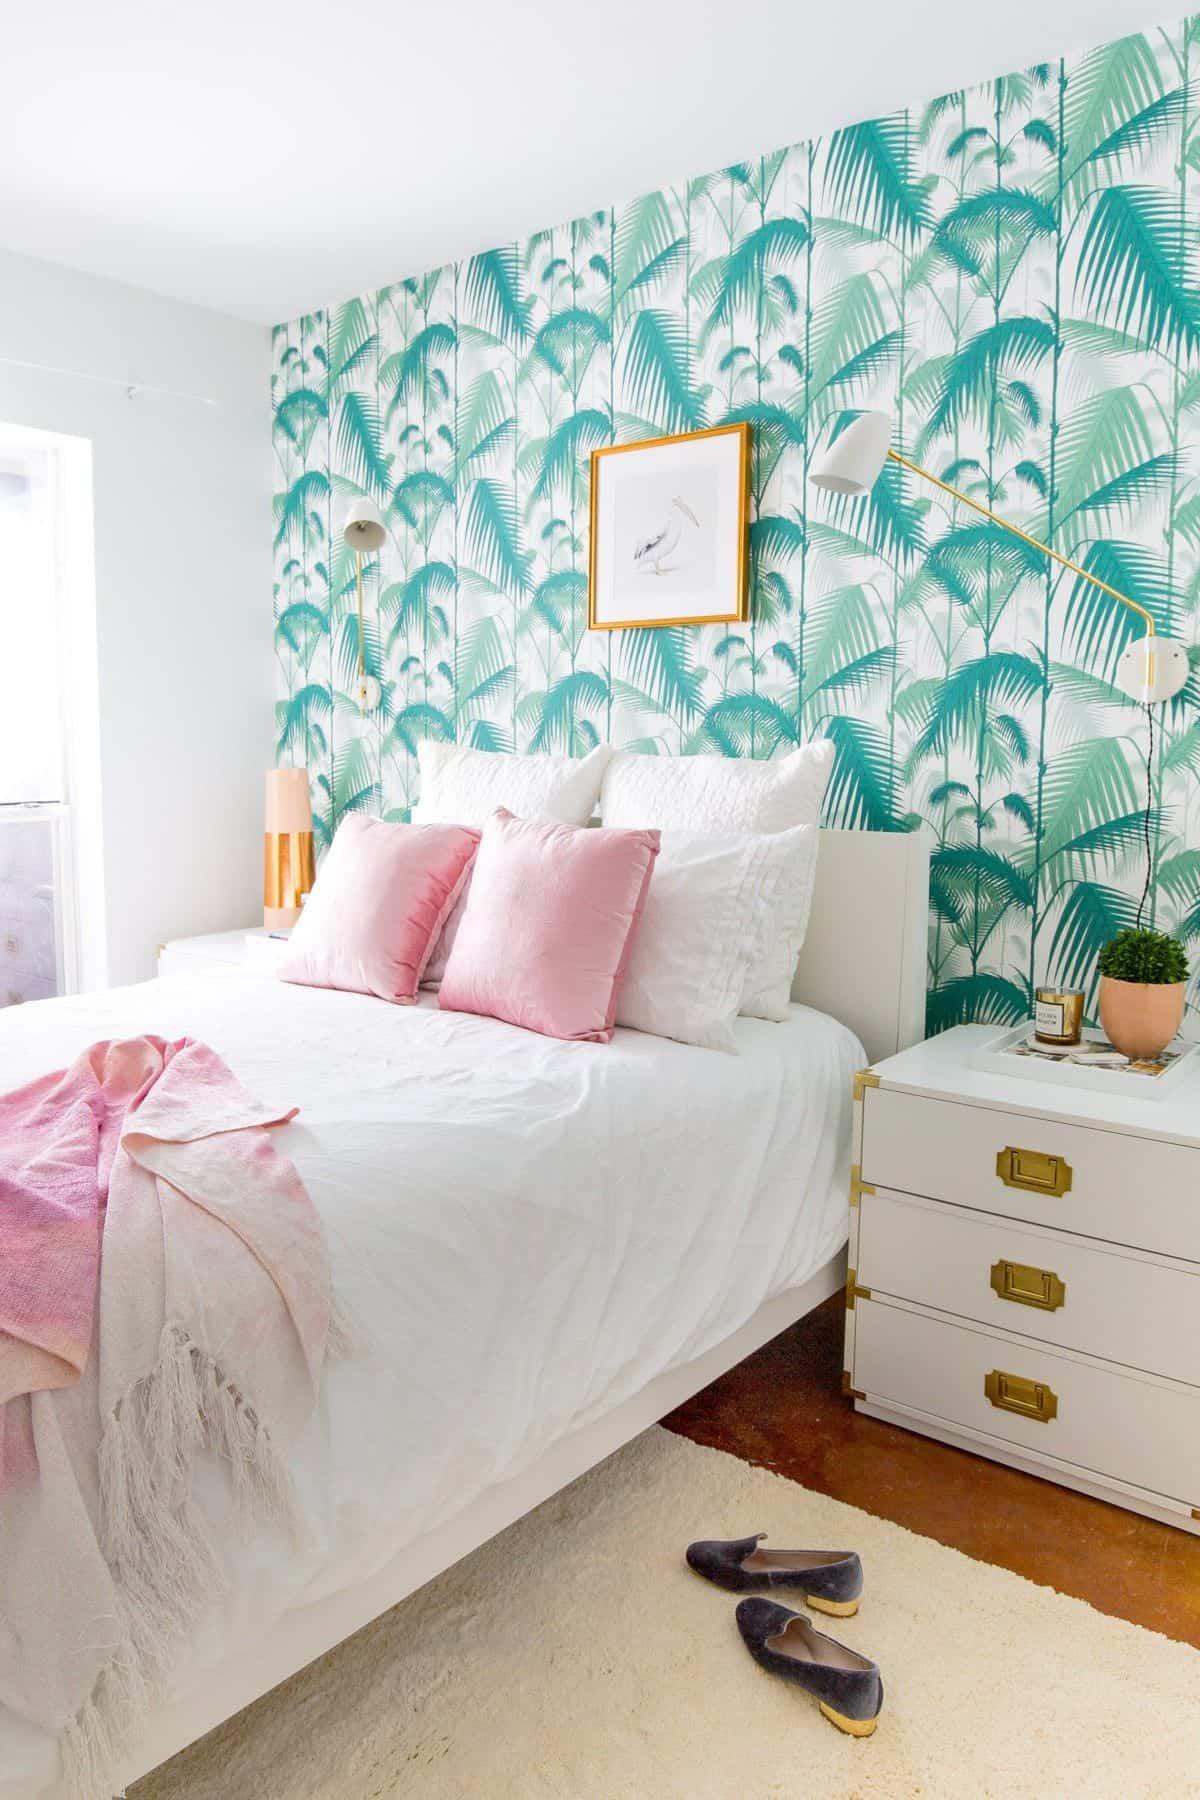 como conseguir un dormitorio mas fresco en verano 9